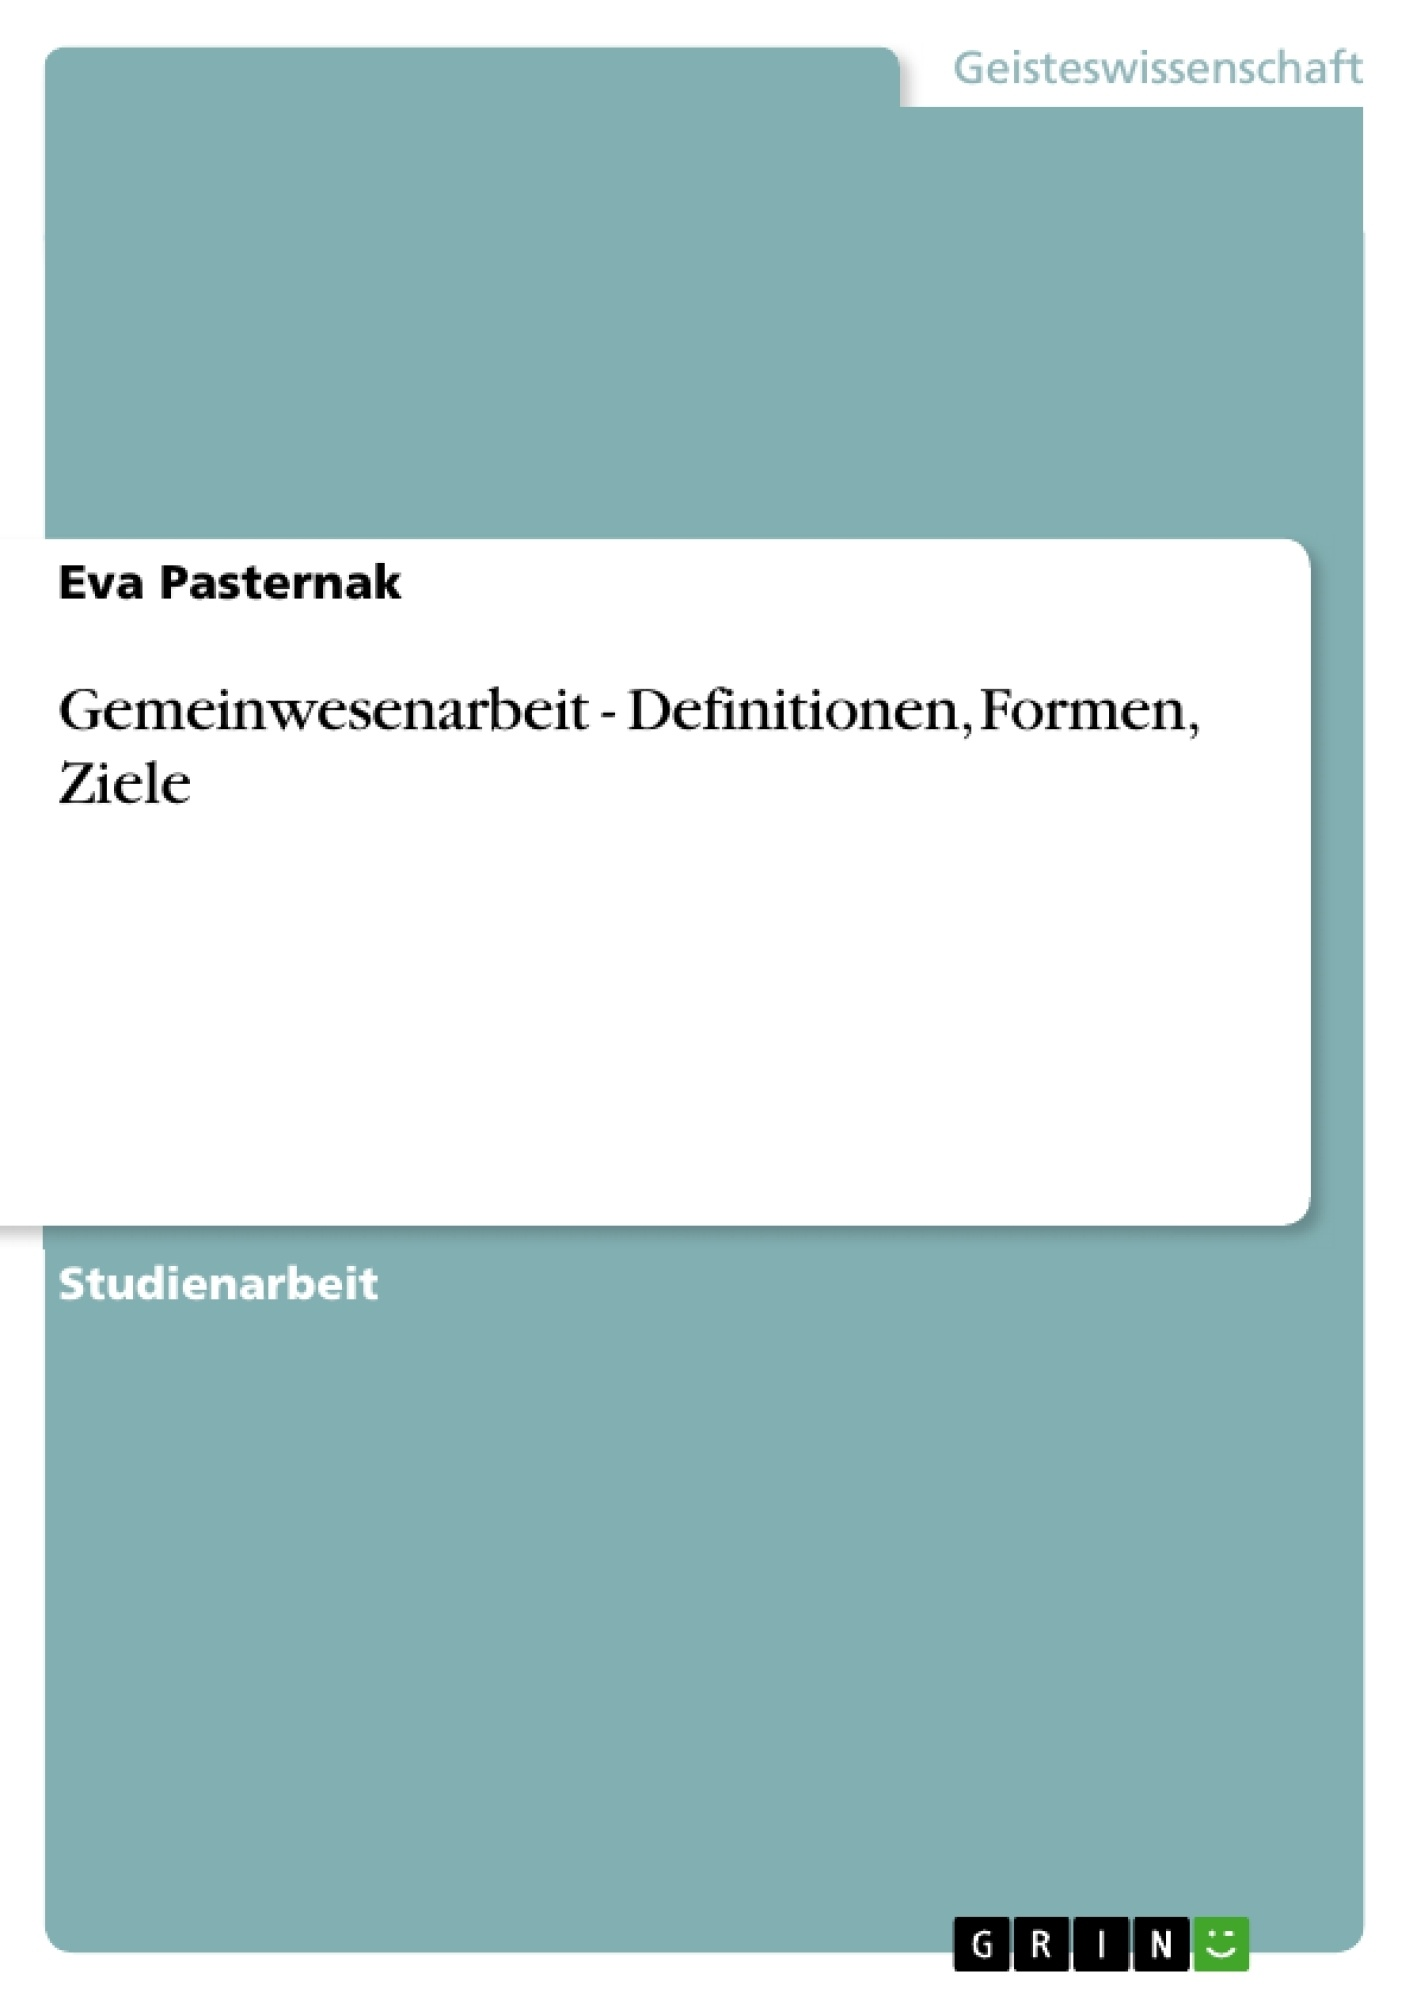 Titel: Gemeinwesenarbeit - Definitionen, Formen, Ziele